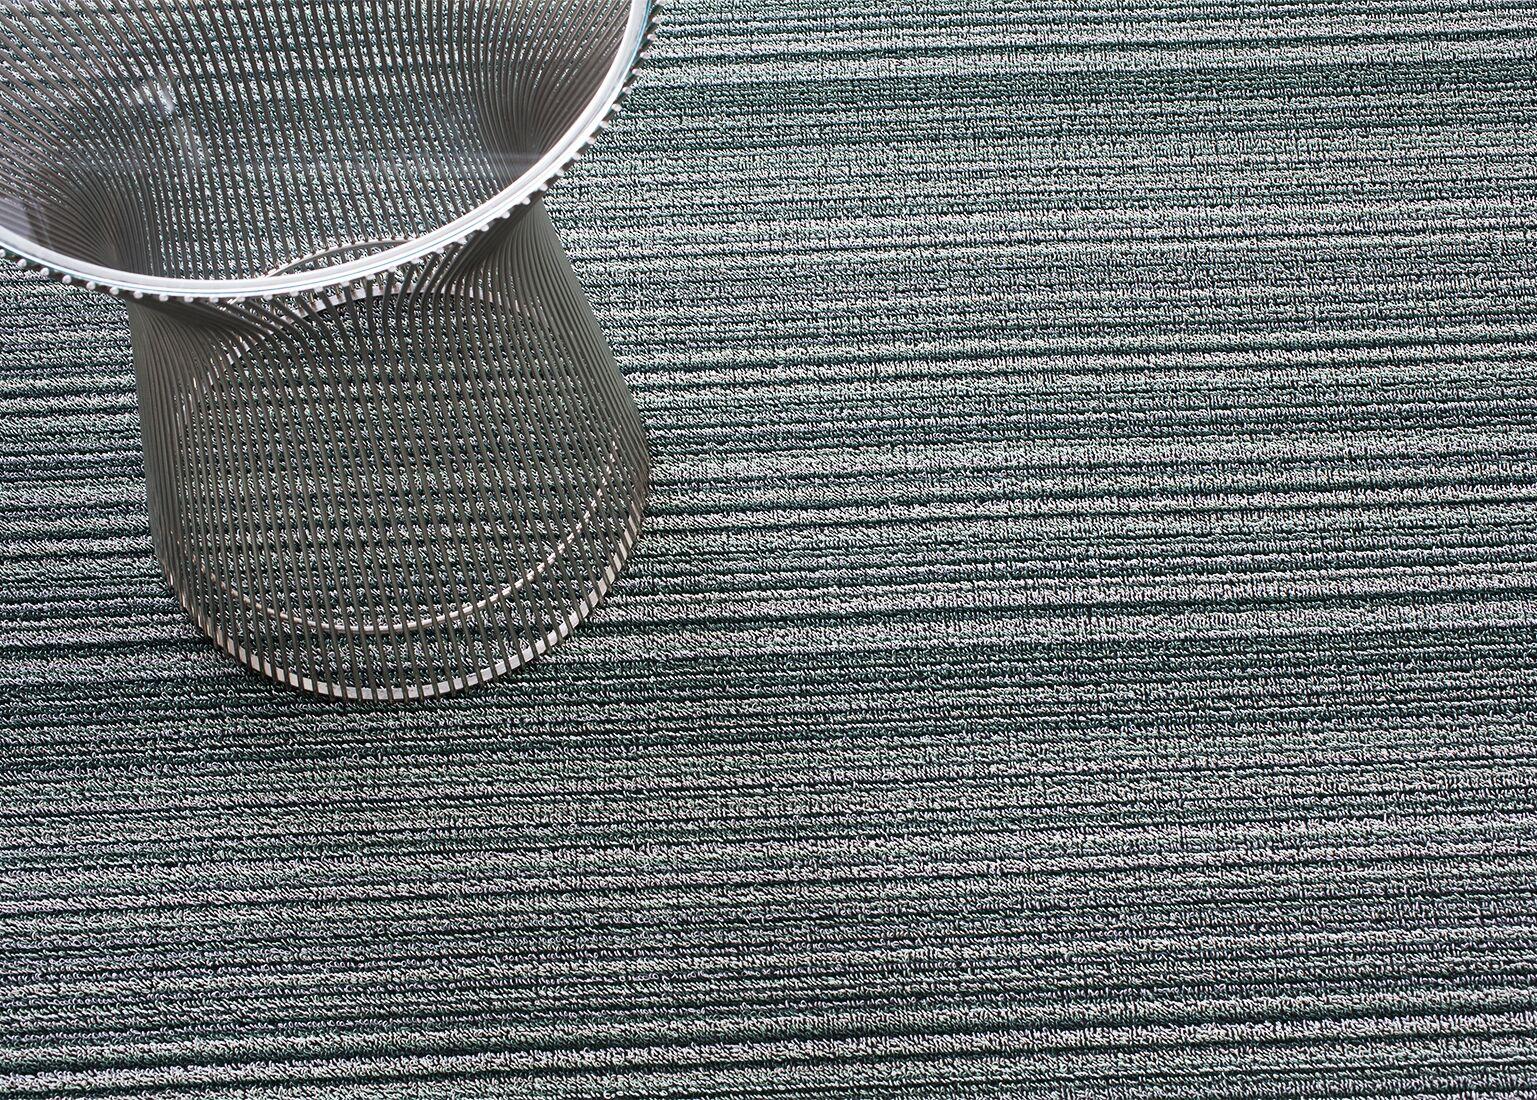 Skinny Stripe Spearmint Doormats Rug Size: 2' x 6'